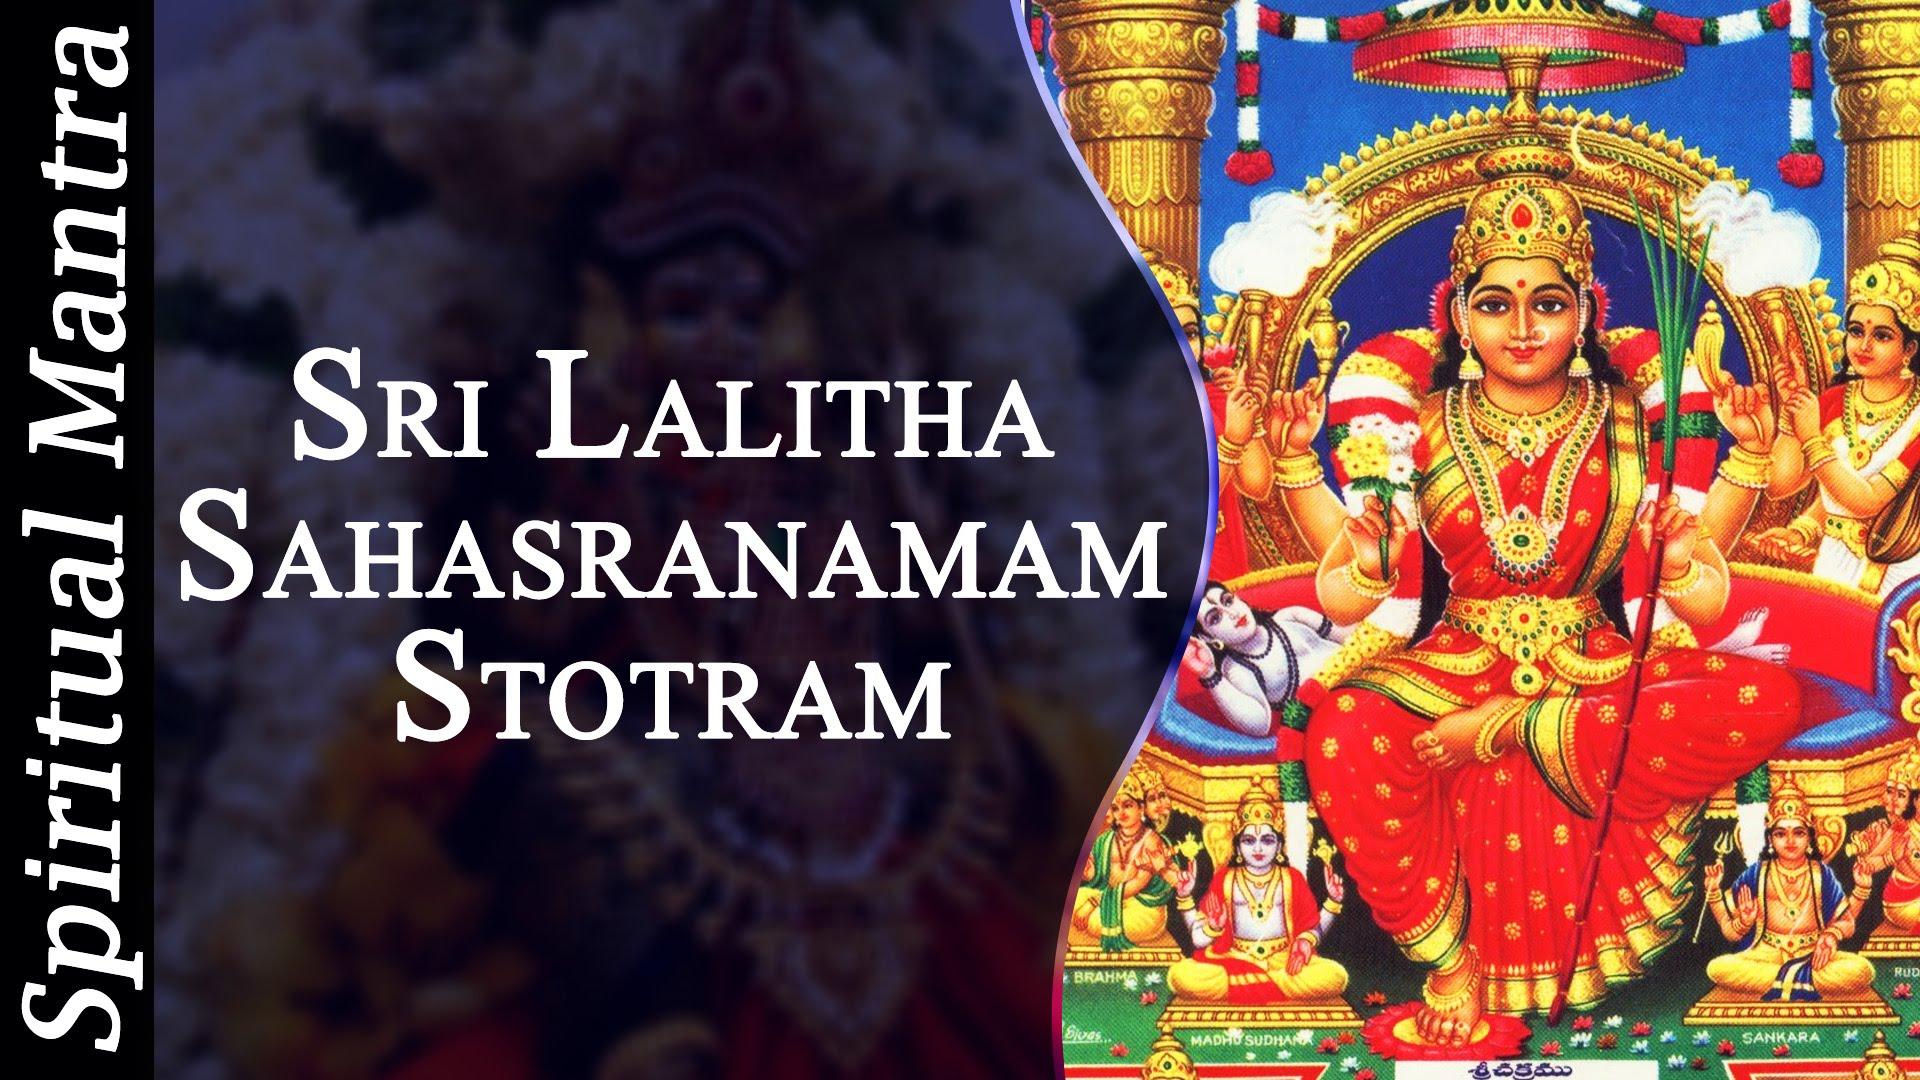 Lalitha Sahasranamam Tamil Lyrics